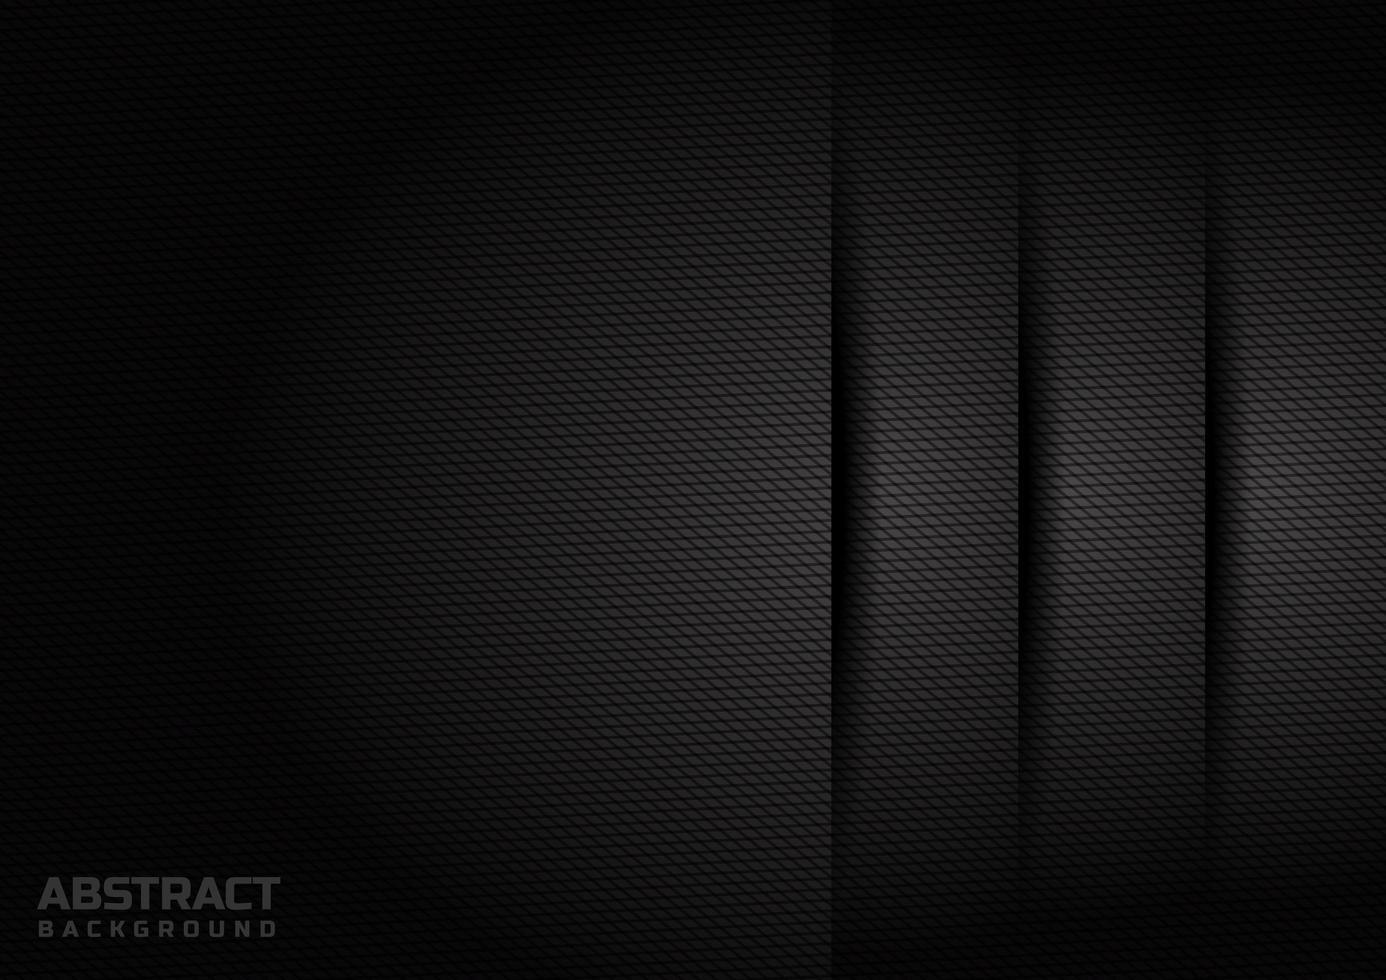 zwart gelaagde achtergrond met ruitpatroon vector